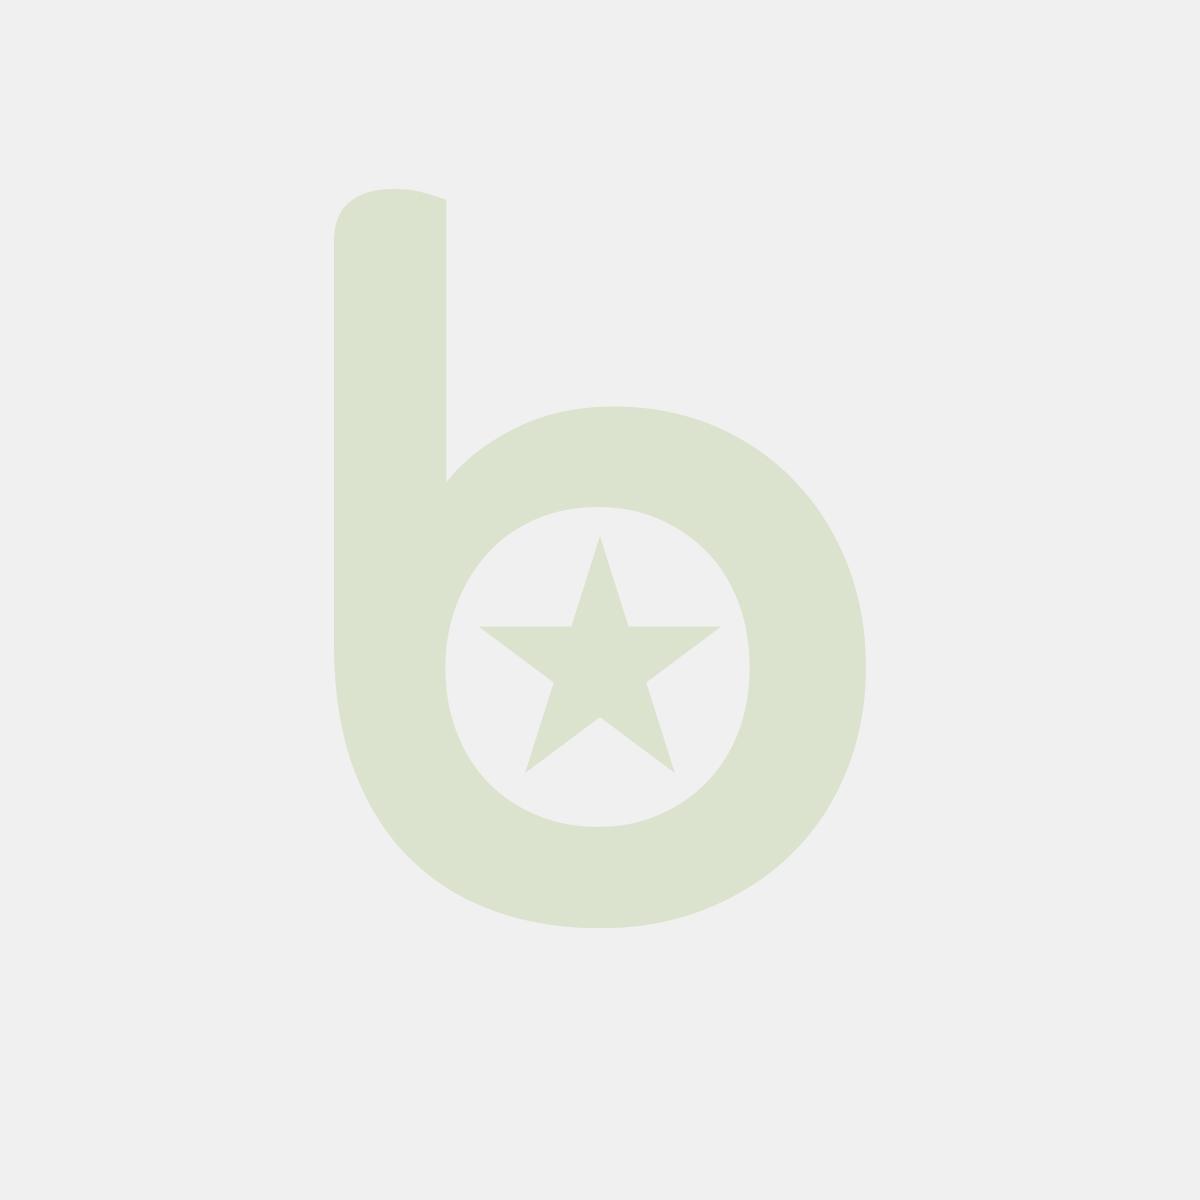 Serwetki PAPSTAR Royal Collection Berryrose 40x40 szary, opakowanie 50szt